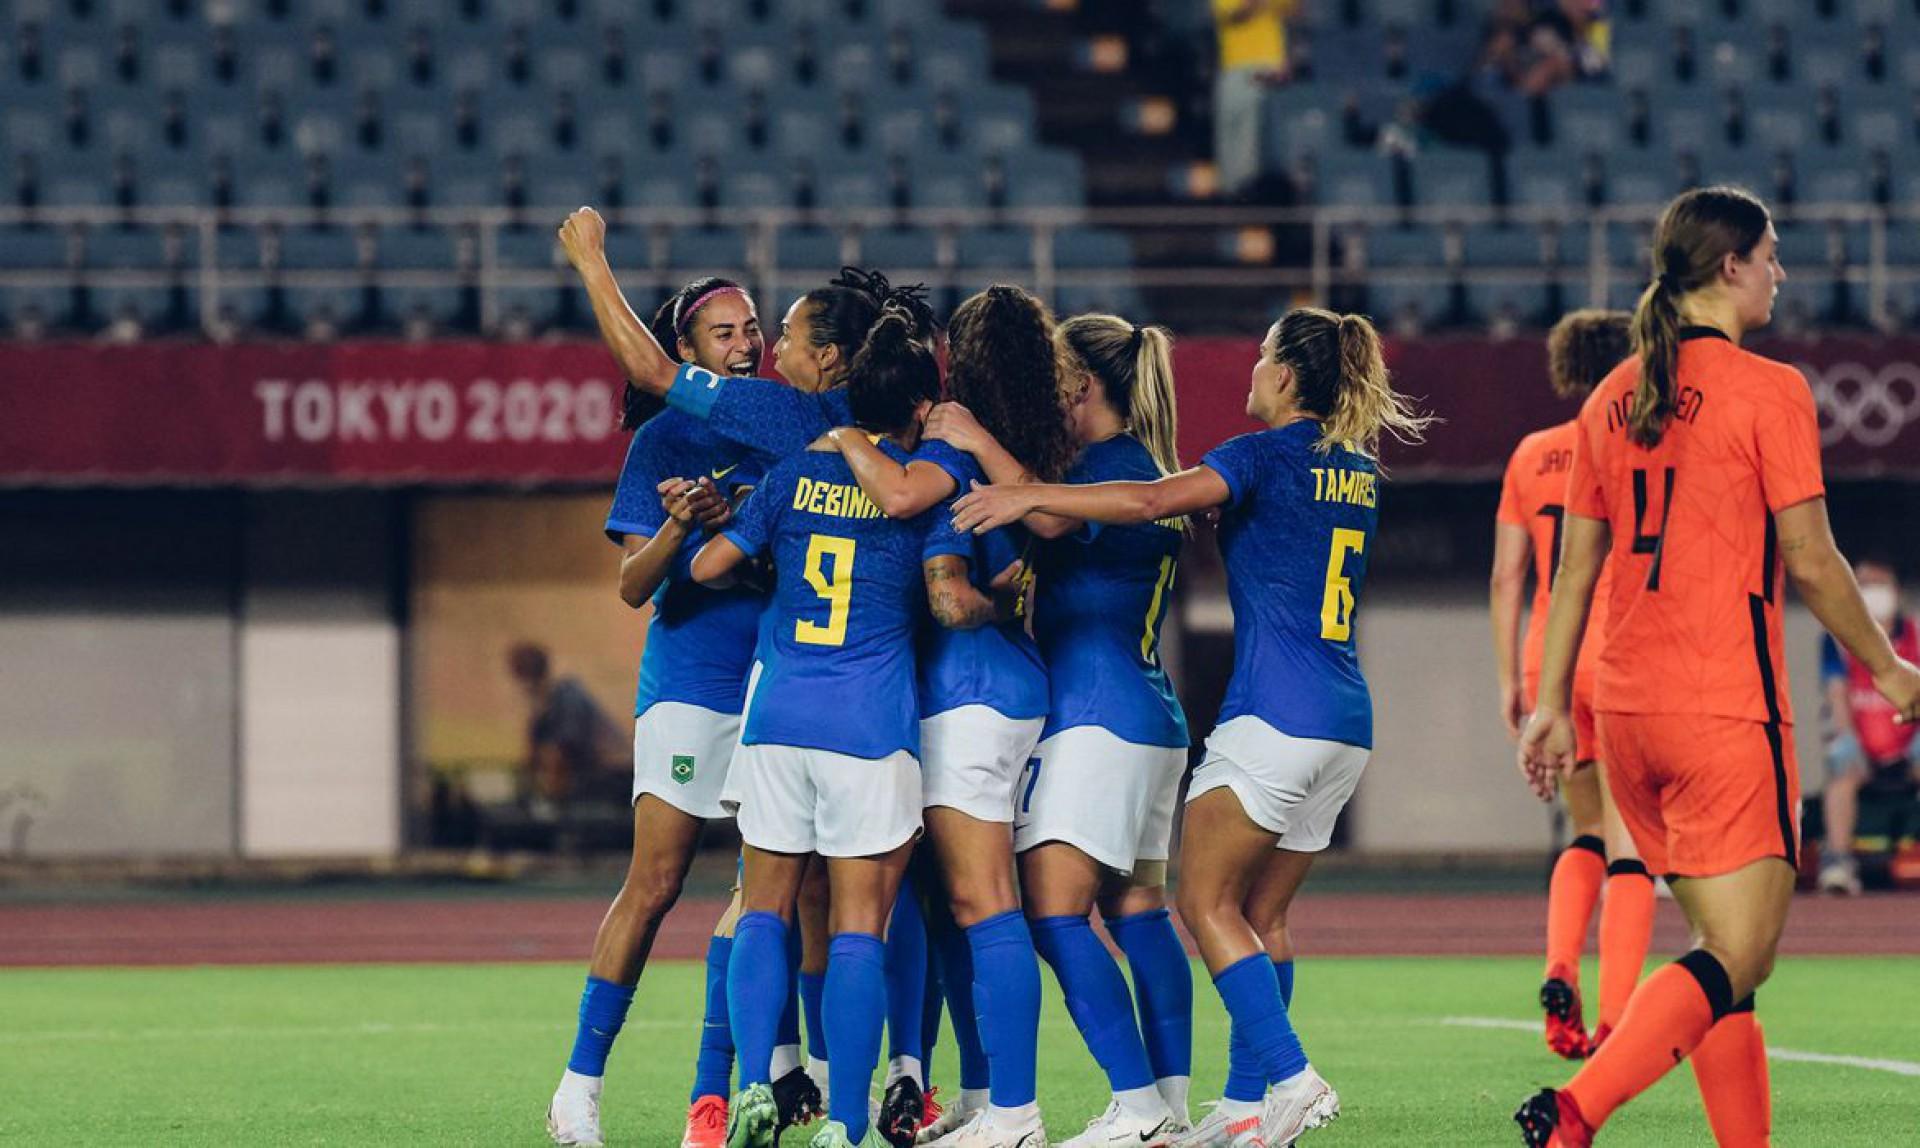 Em jogo de seis gols, Brasil e Holanda empatam no futebol feminino (Foto: SAM ROBLES)